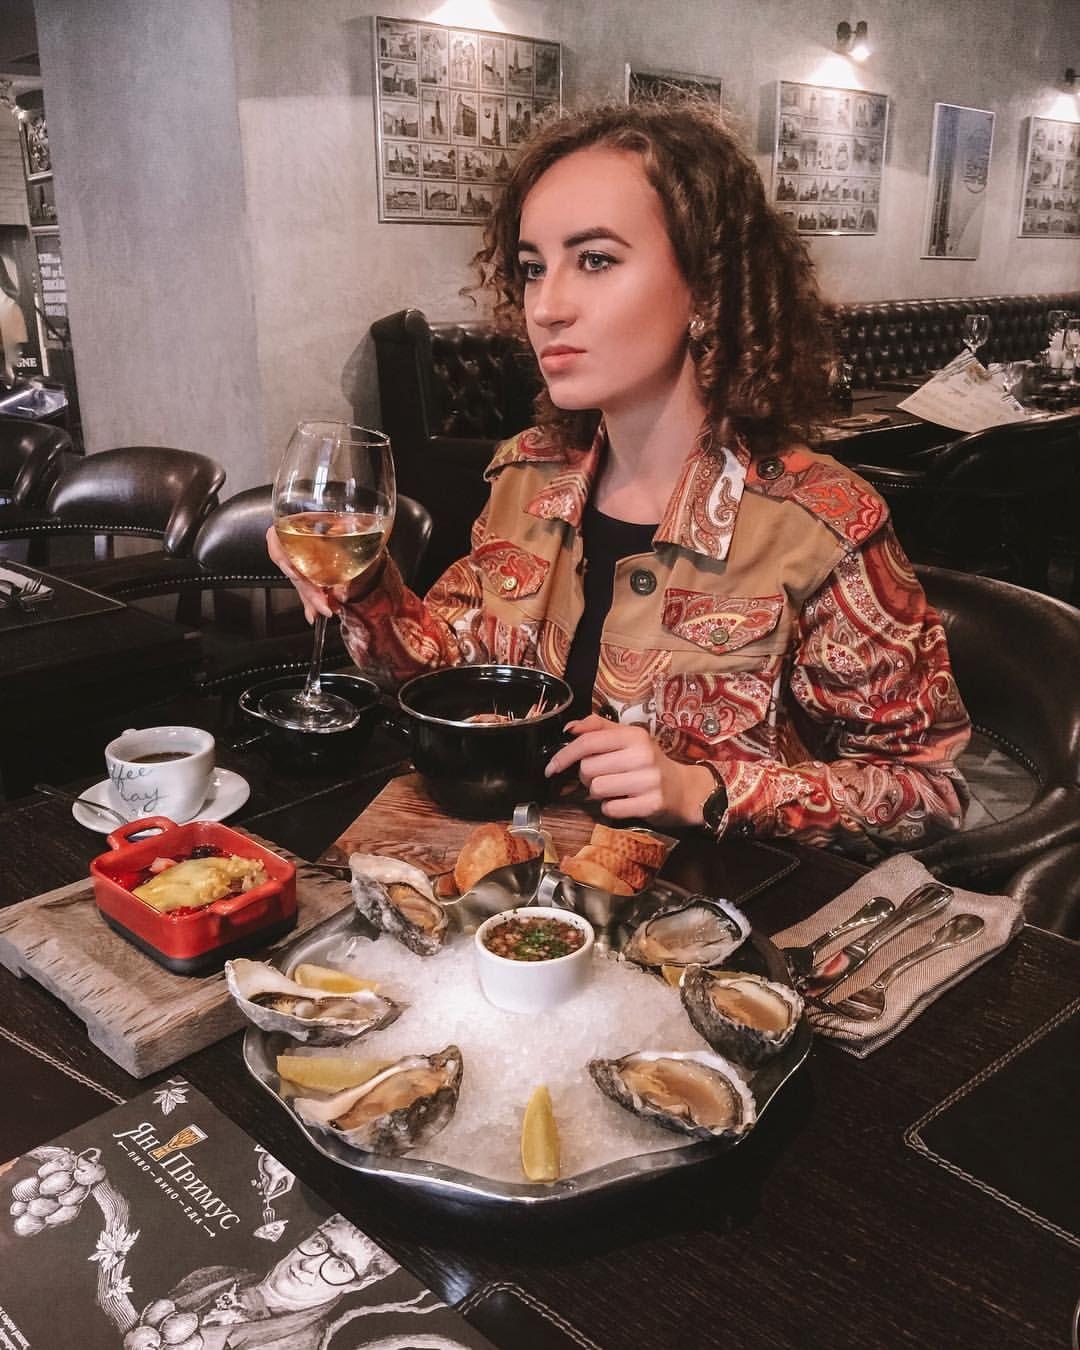 76a743c5cd67 YANA в Instagram  «Любите сыр  Мы с  firsov.photo буквально пару ...